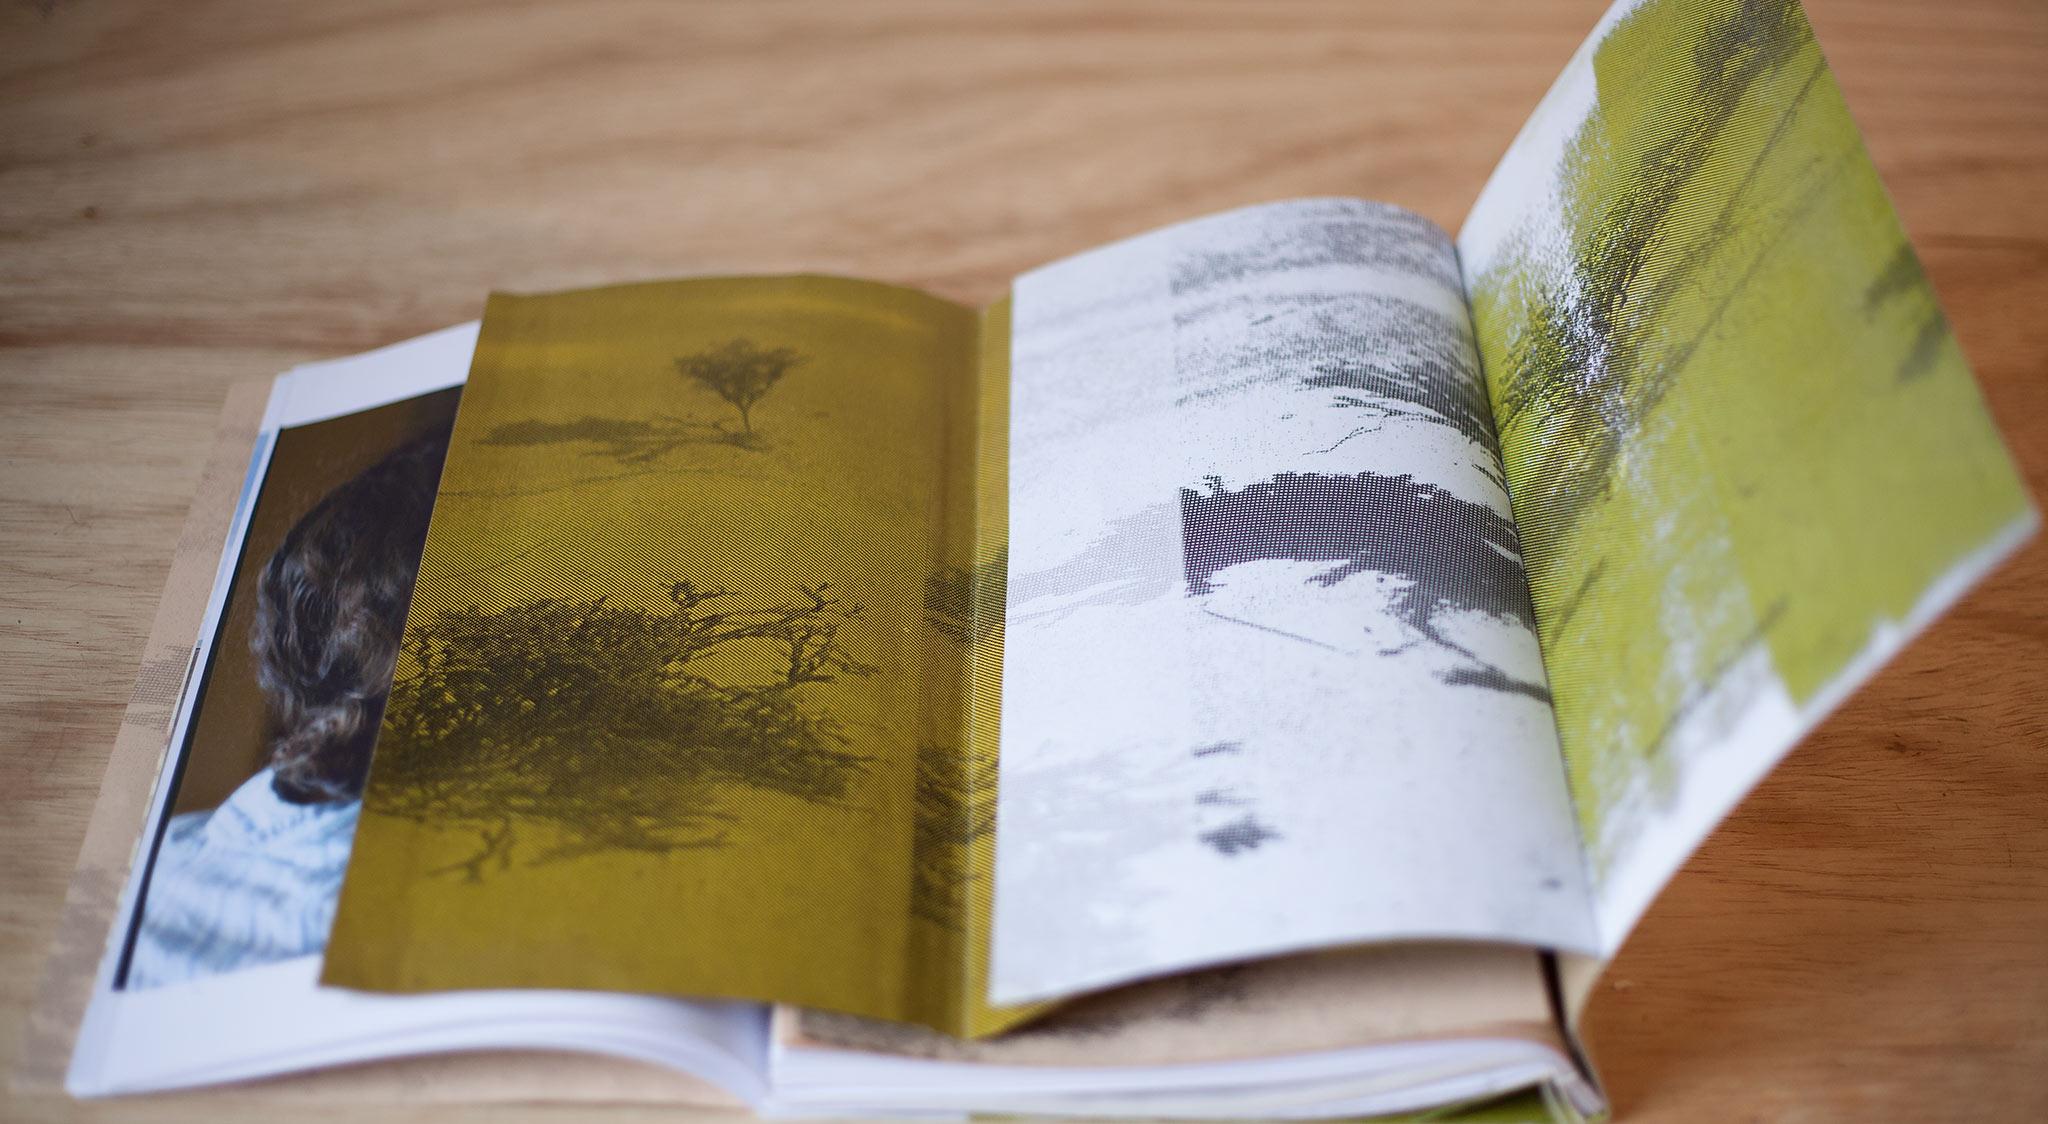 paula-roush-nothing-to-undo-photobook-21